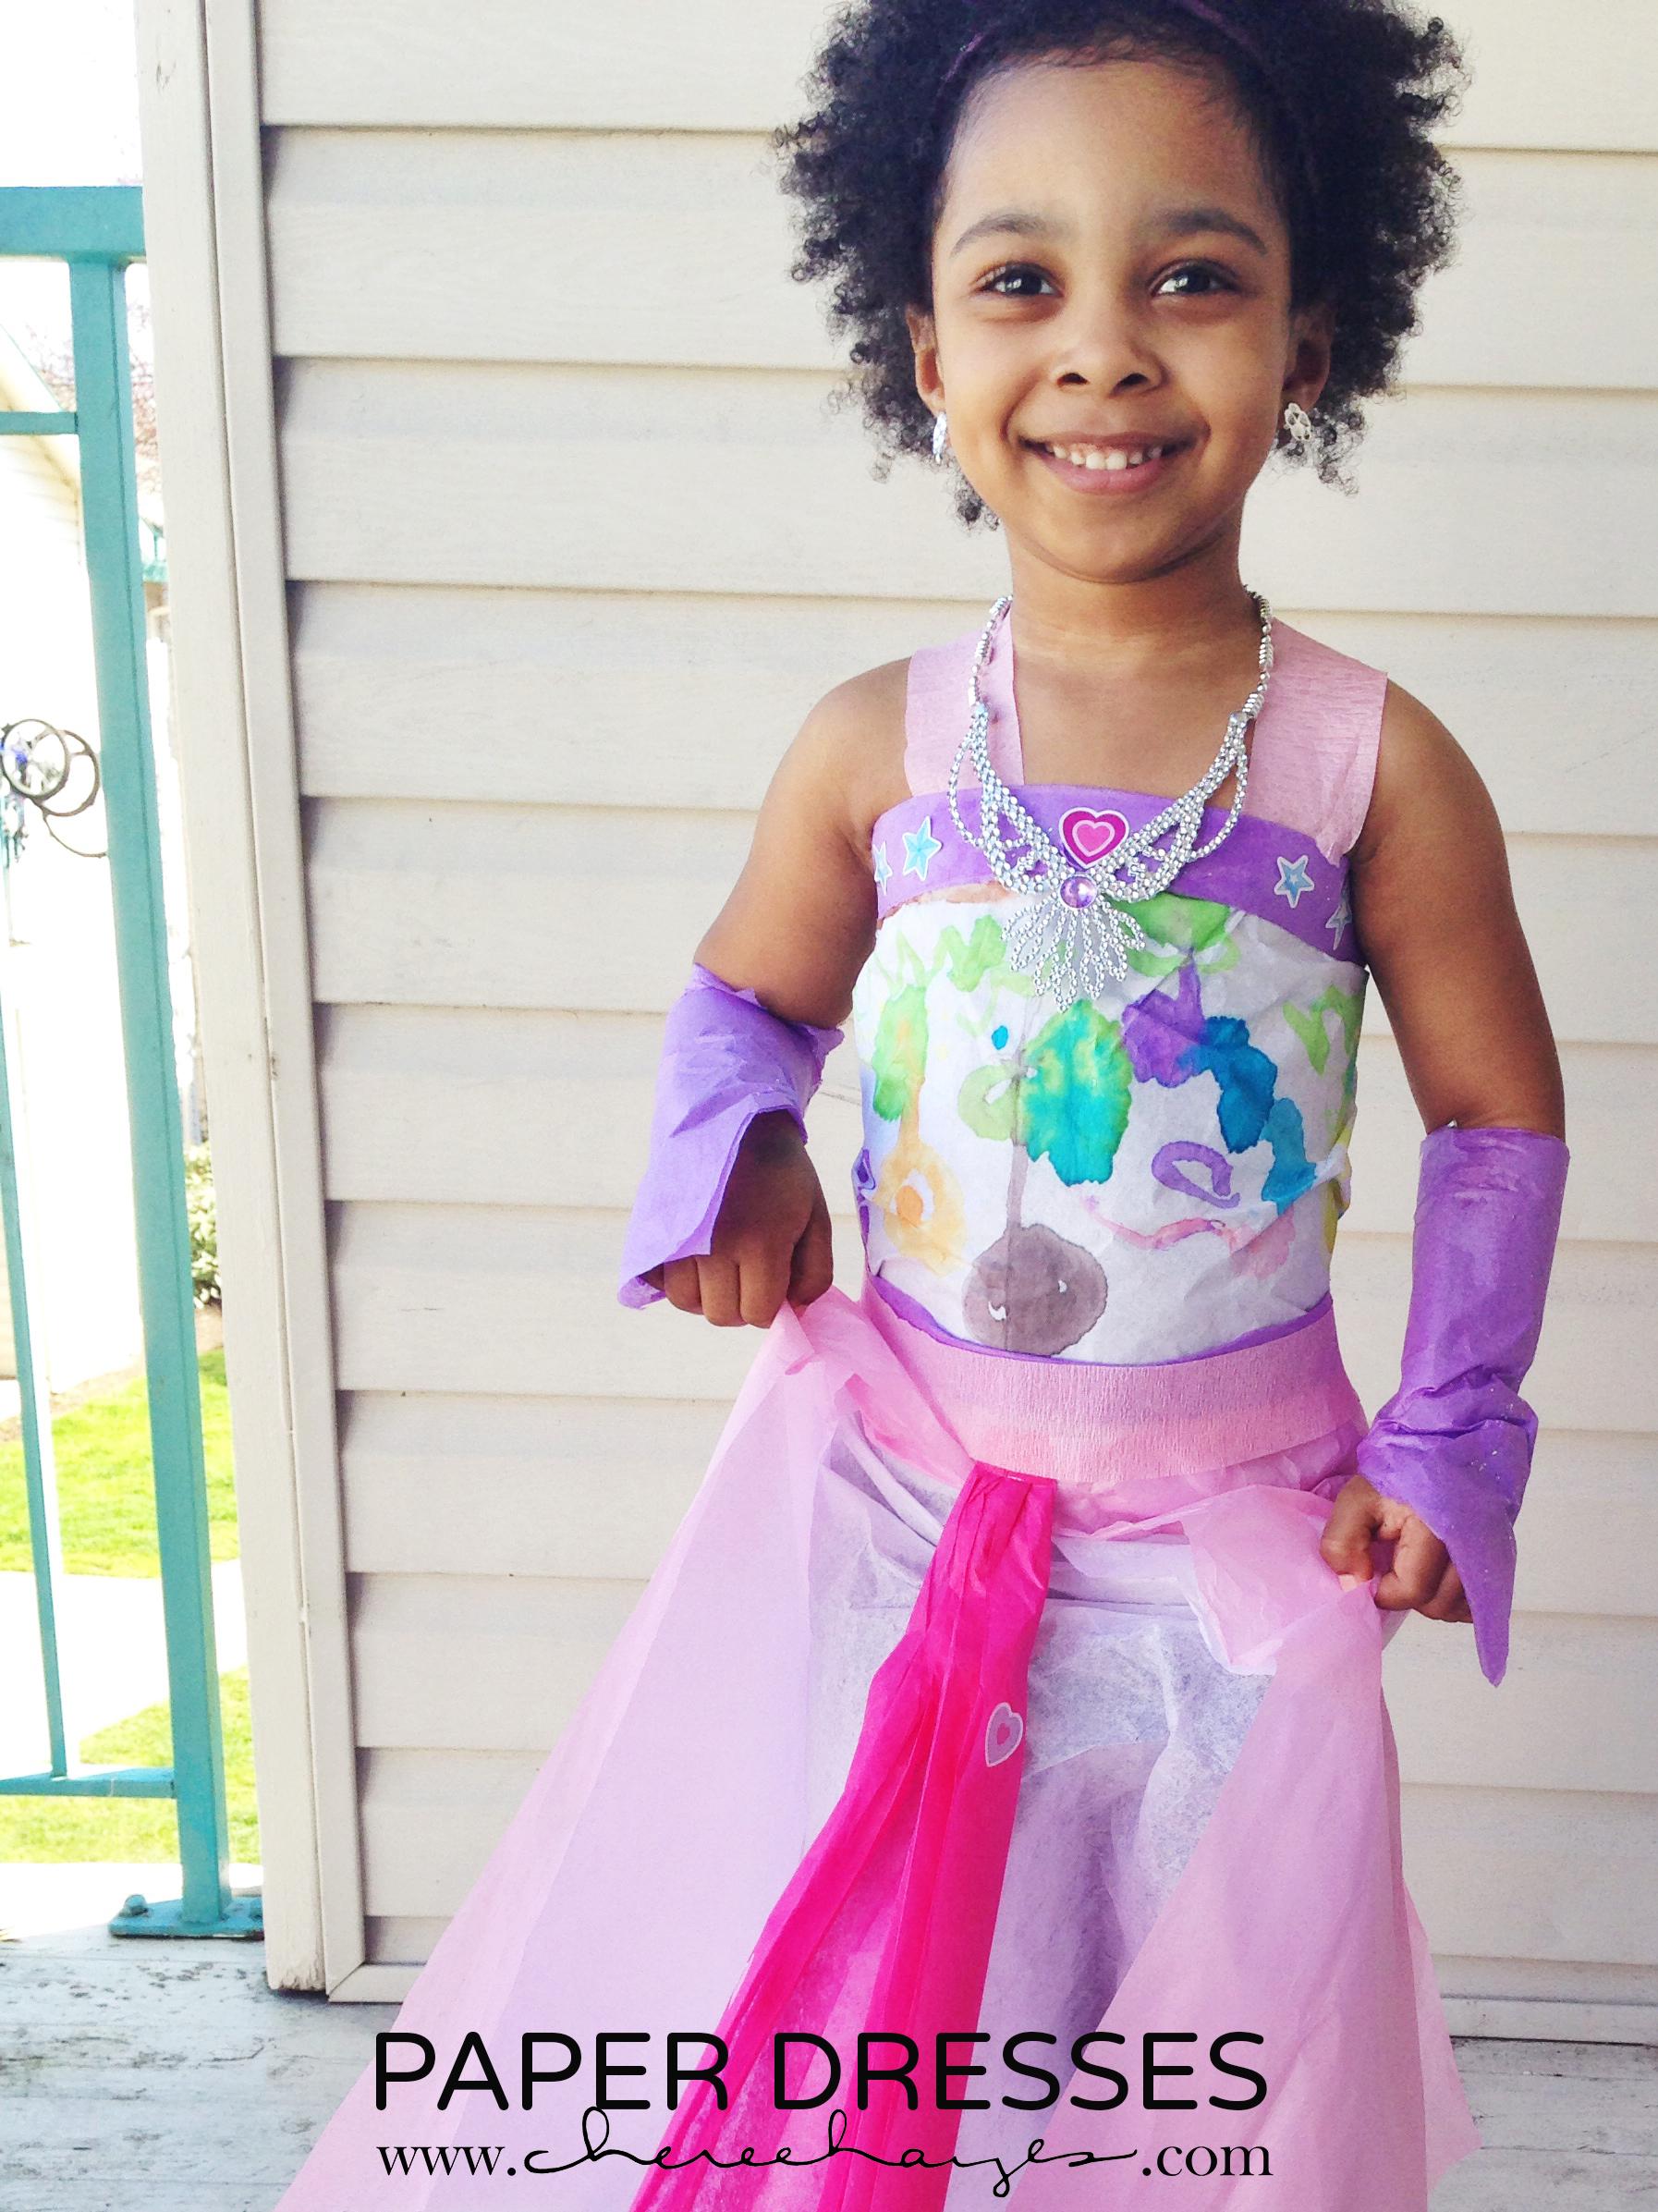 Daughter in paper birthday dress #inspiredbymayhem